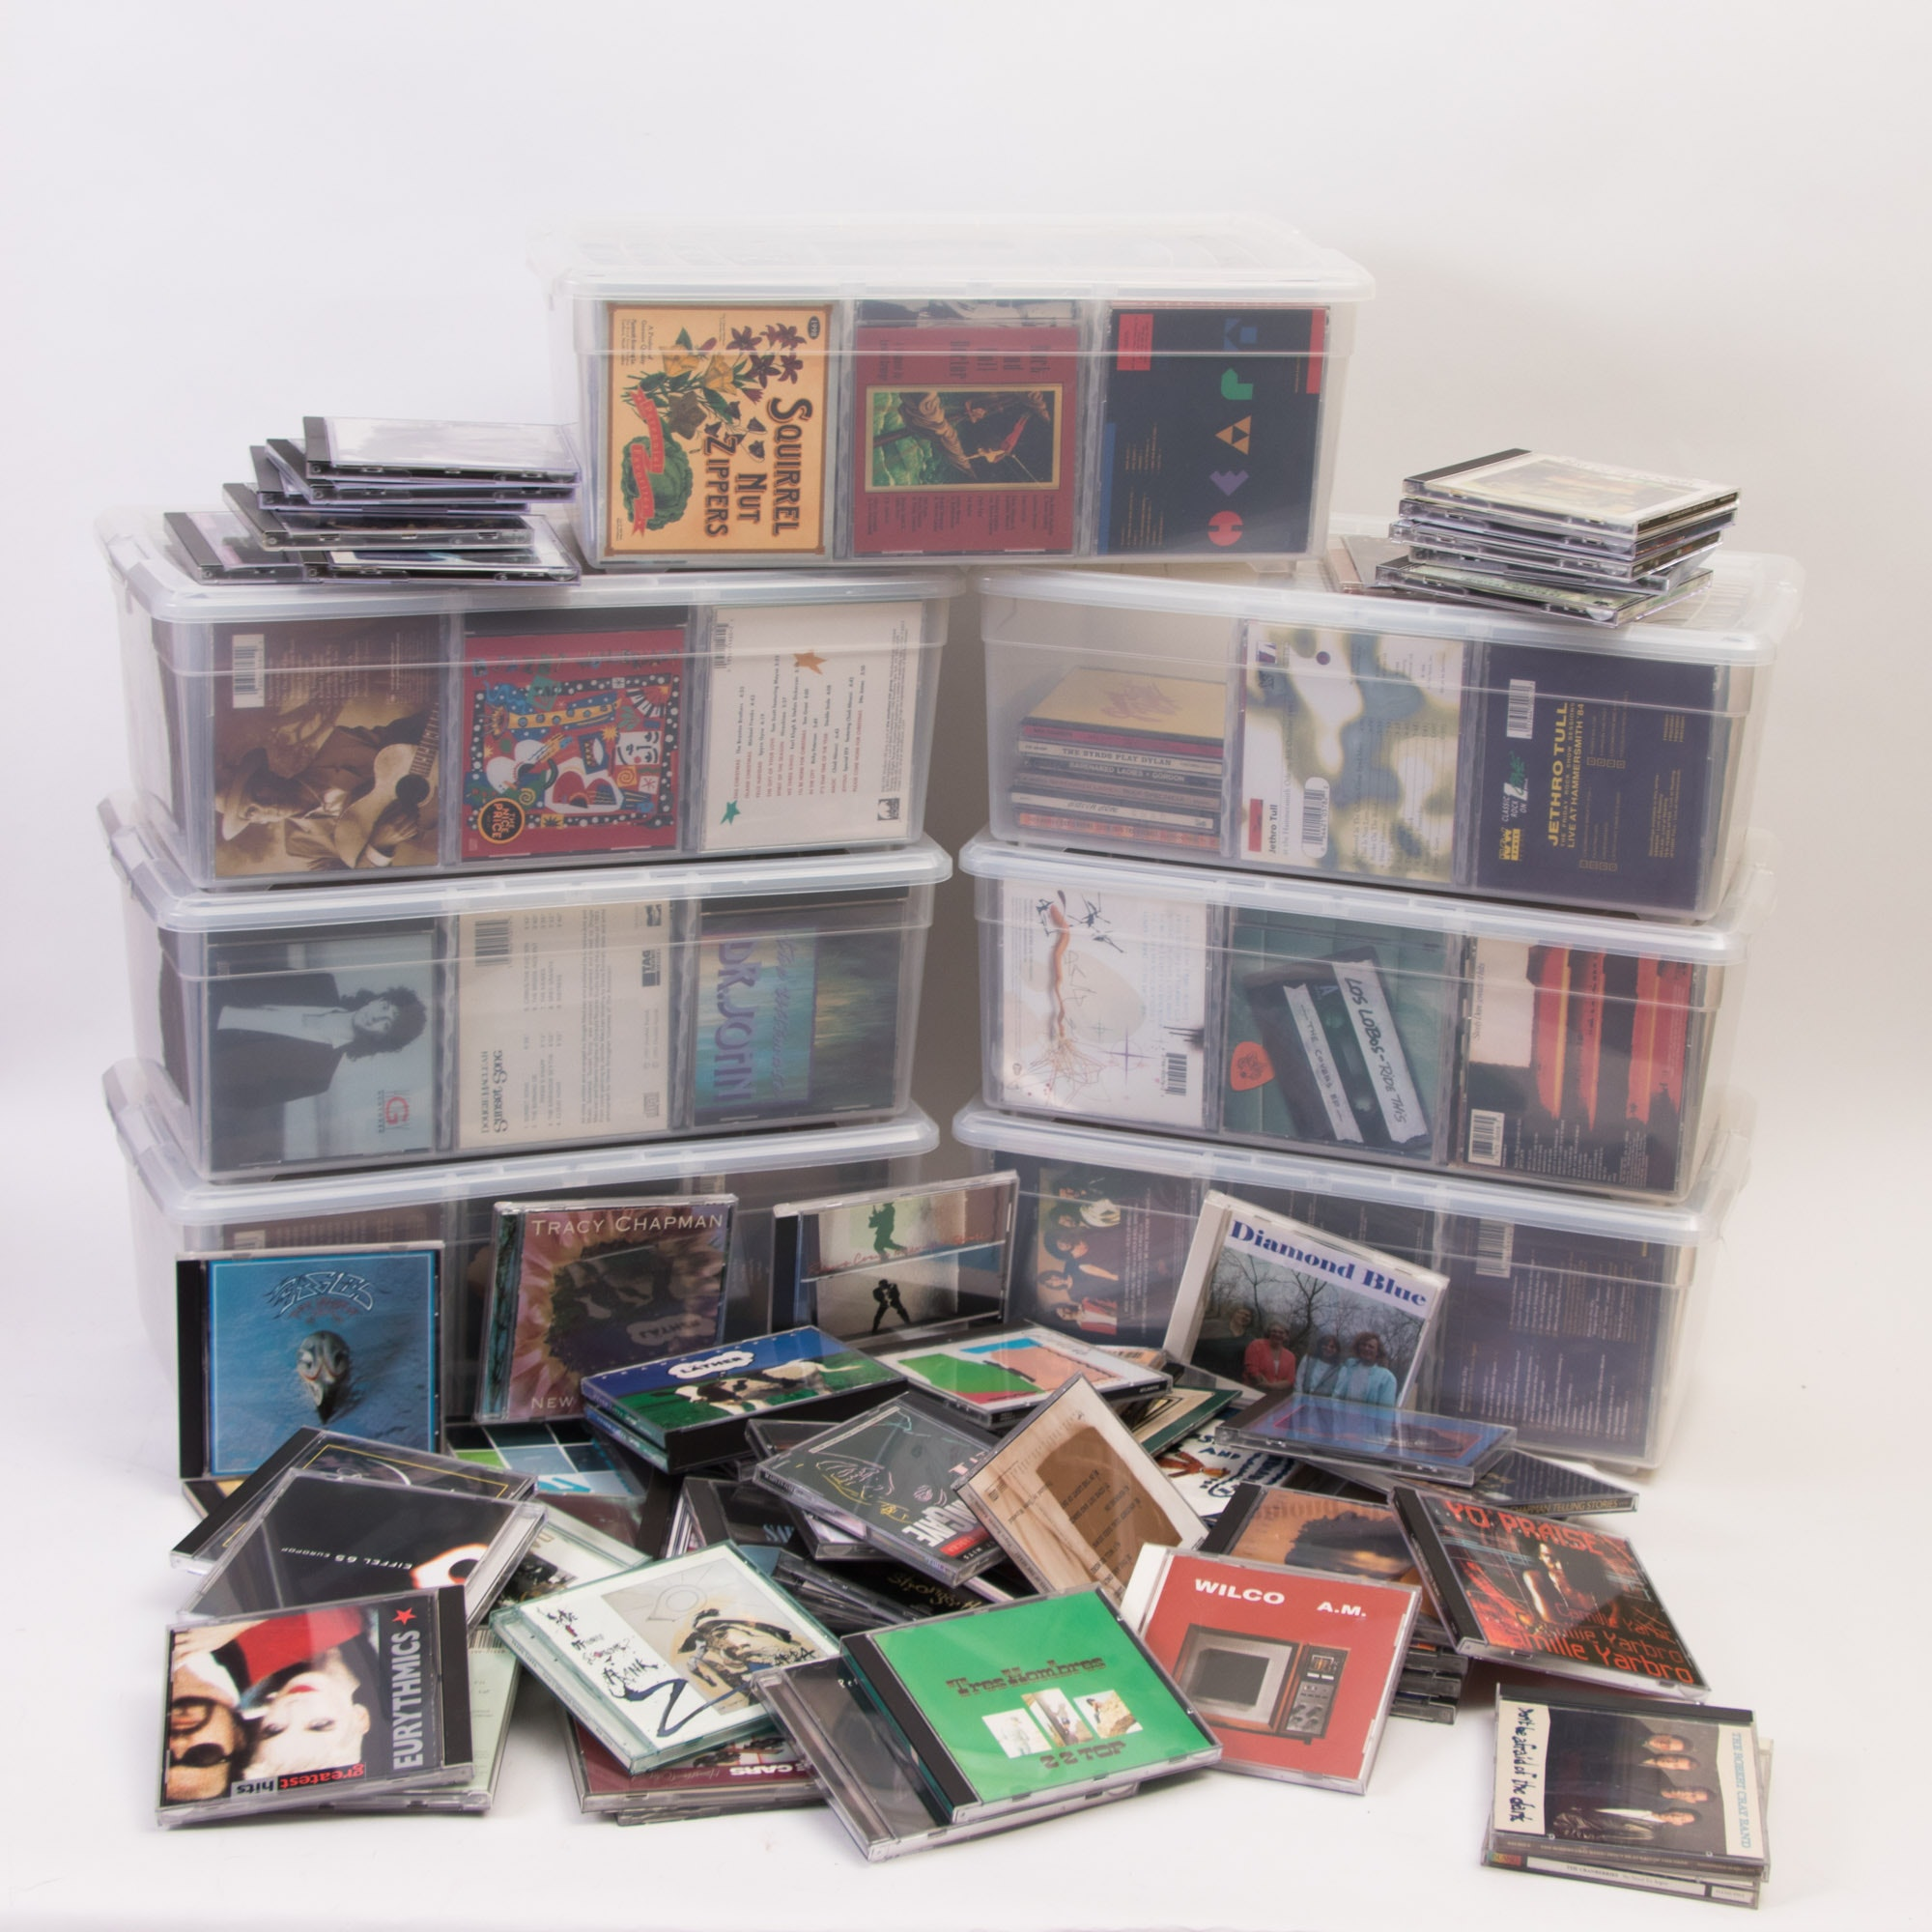 Assortment of CDs